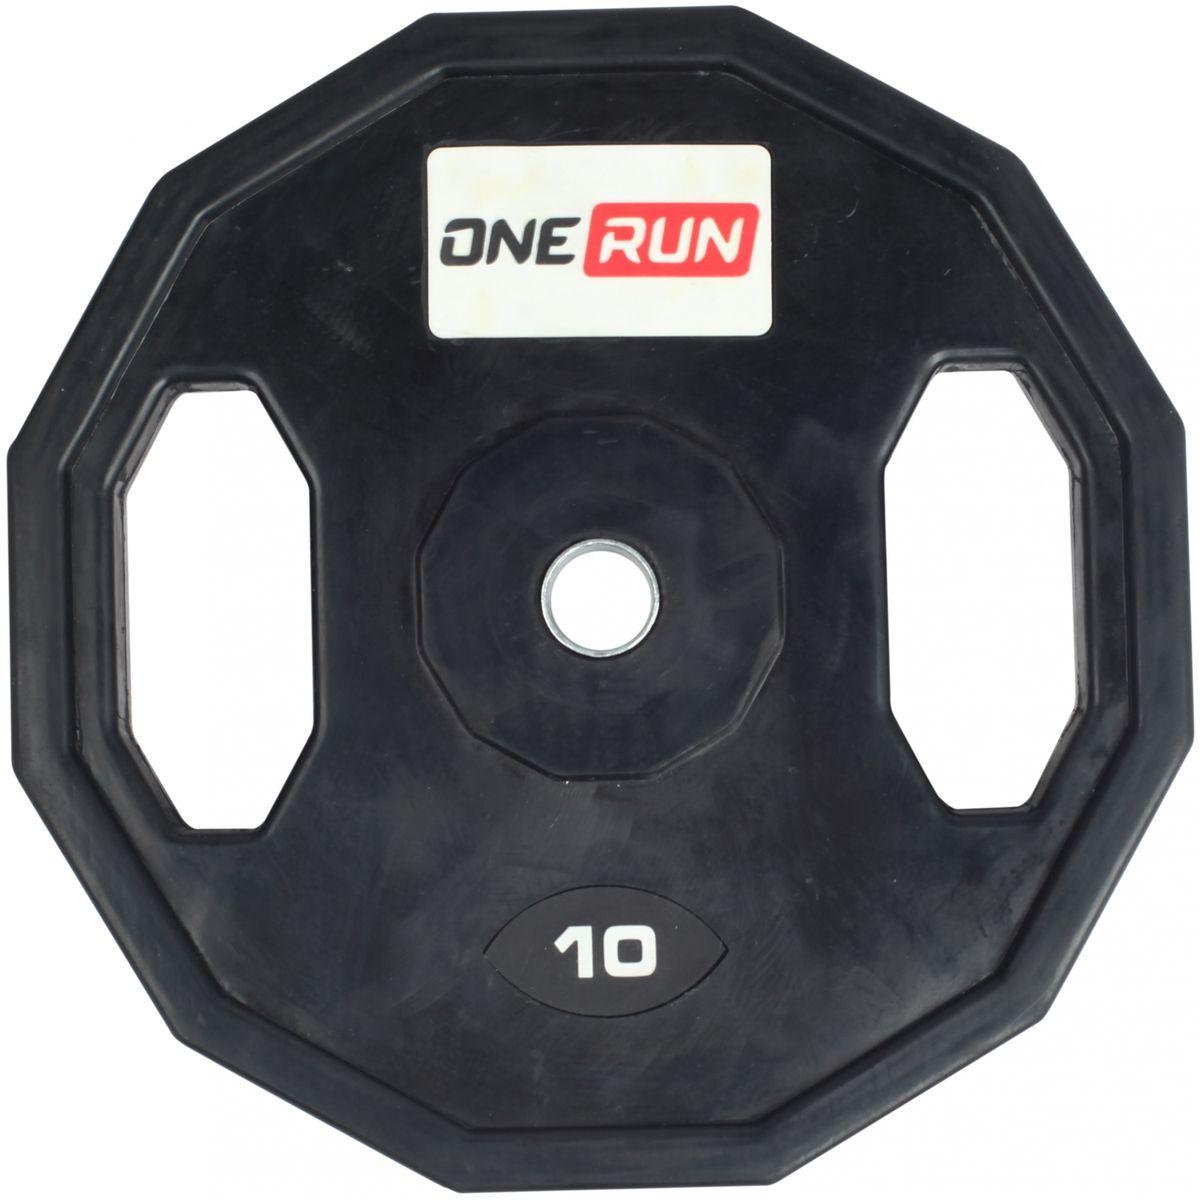 Диск обрезиненный OneRun 10 кг с хватами, диаметр 26 мм, черный, 471-8358471-8358Диск обрезиненный OneRun предназначен для занятий со штангой, так же его можно использовать как отельный снаряд благодаря двум хватам. Данные хваты так же обеспечивают удобство установки на гриф и переноску дисков. Грани по краям диска не дают диску скатываться при тренировках со штангой. Металлическая посадочная втулка увеличивает износостойкость диска и продлевая срок службы. Обрезиненная поверхность диска защищает пол от повреждений, а также снижает уровень шума при занятиях. Диаметр диска (внешний): 37 см. Толщина диска: 4 см. Посадочный диаметр диска: 26 мм.